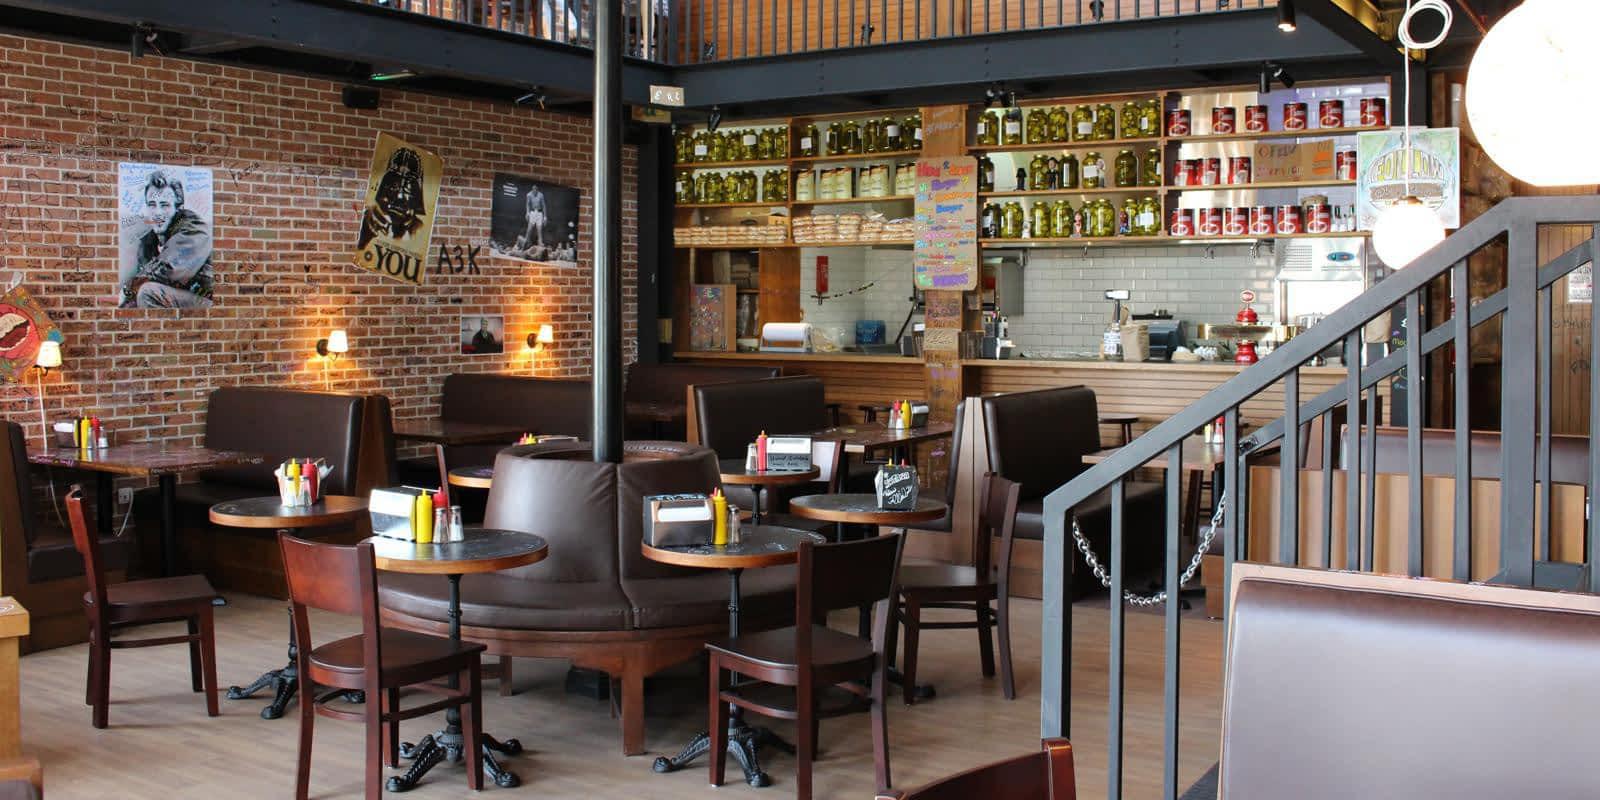 مطعم برغر جوينت للمأكولات الأمريكية – سيتي ووك